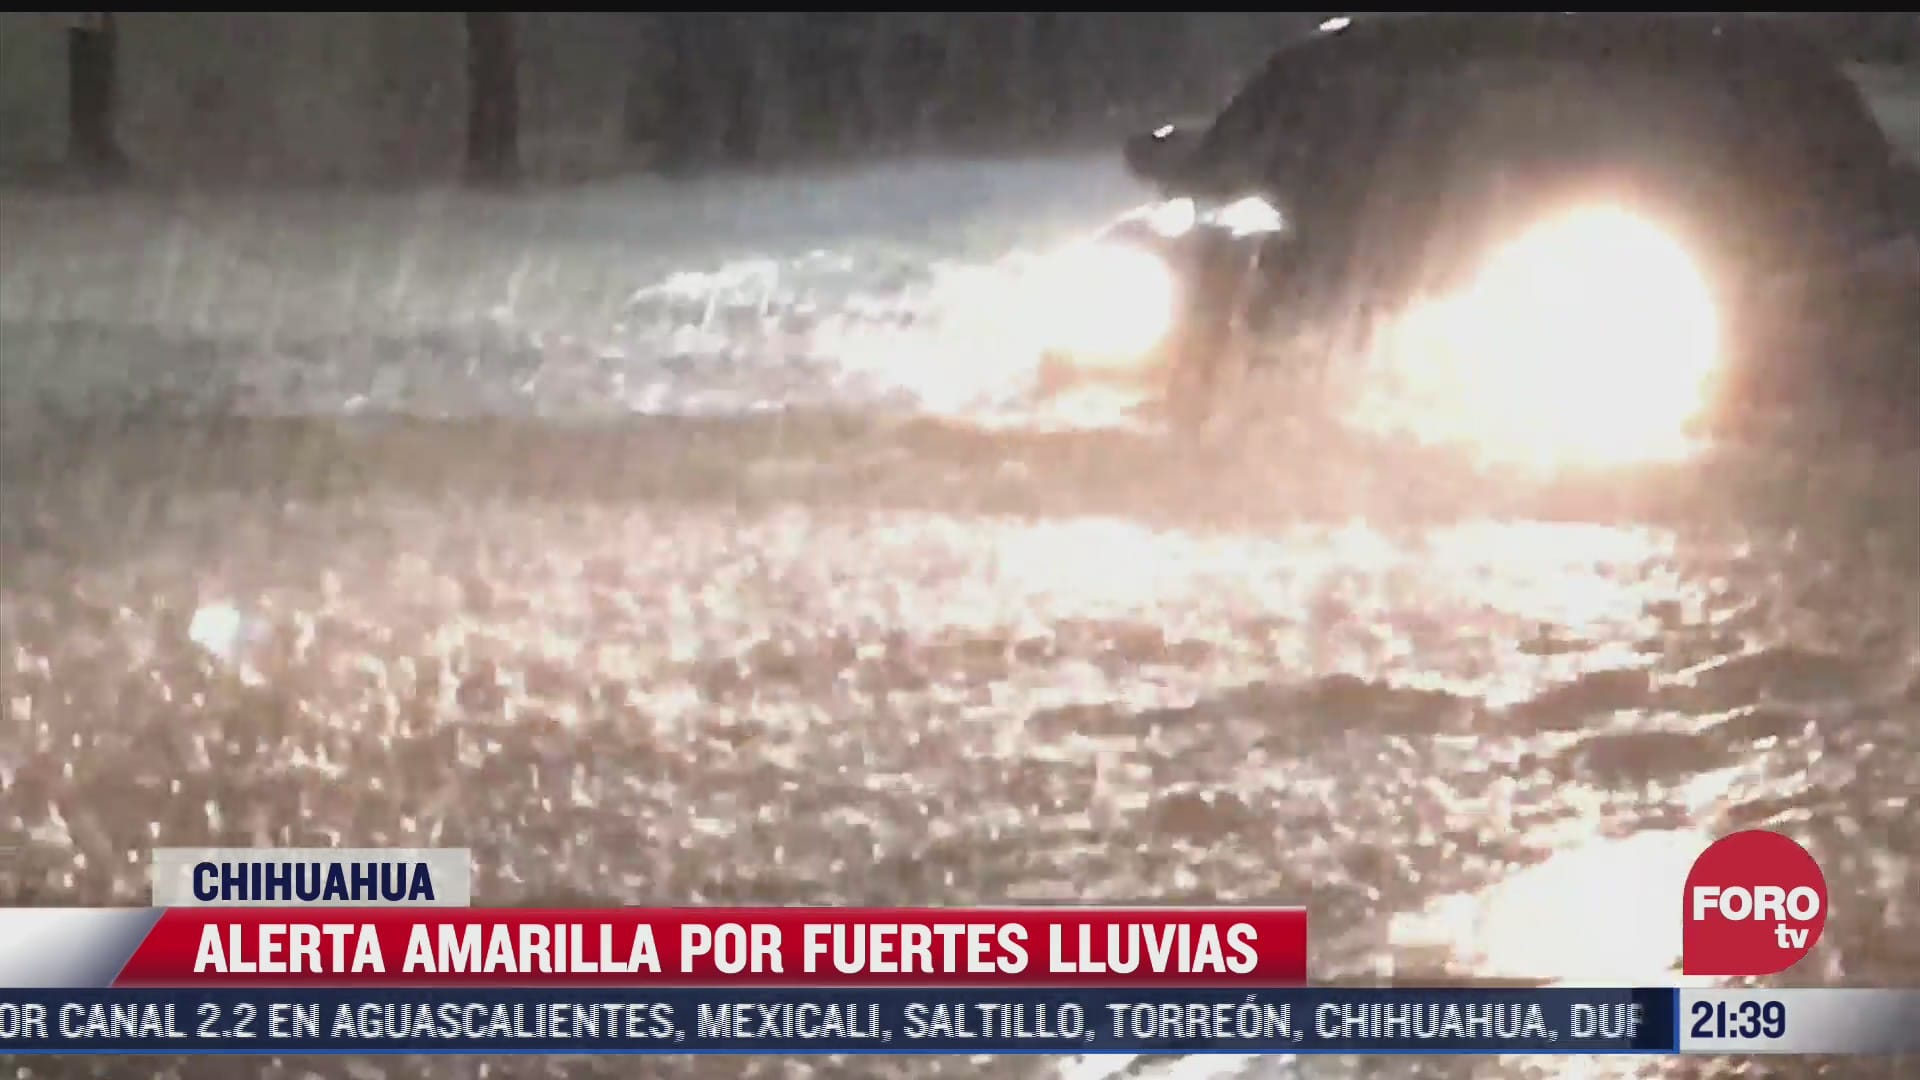 alerta amarilla por fuertes lluvias en chihuahua